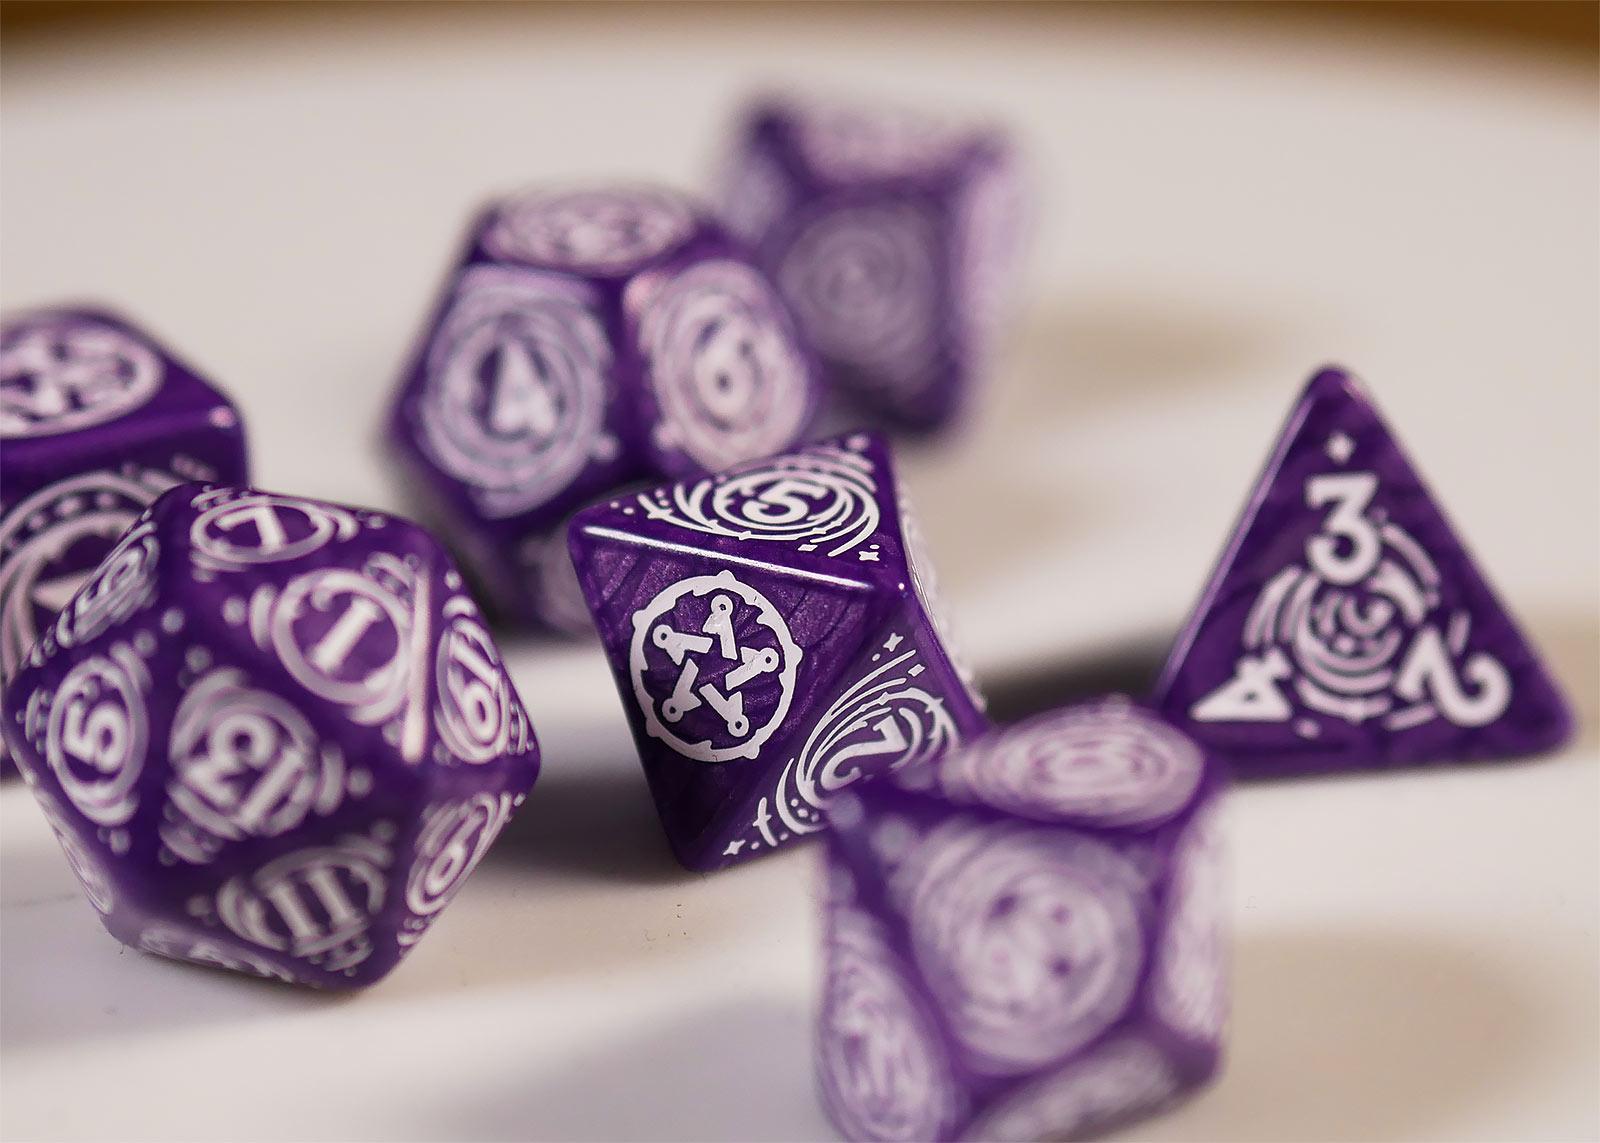 Witcher - Yennefer Lilac & Gooseberries RPG Würfel Set 7tlg mit Sammlermünze